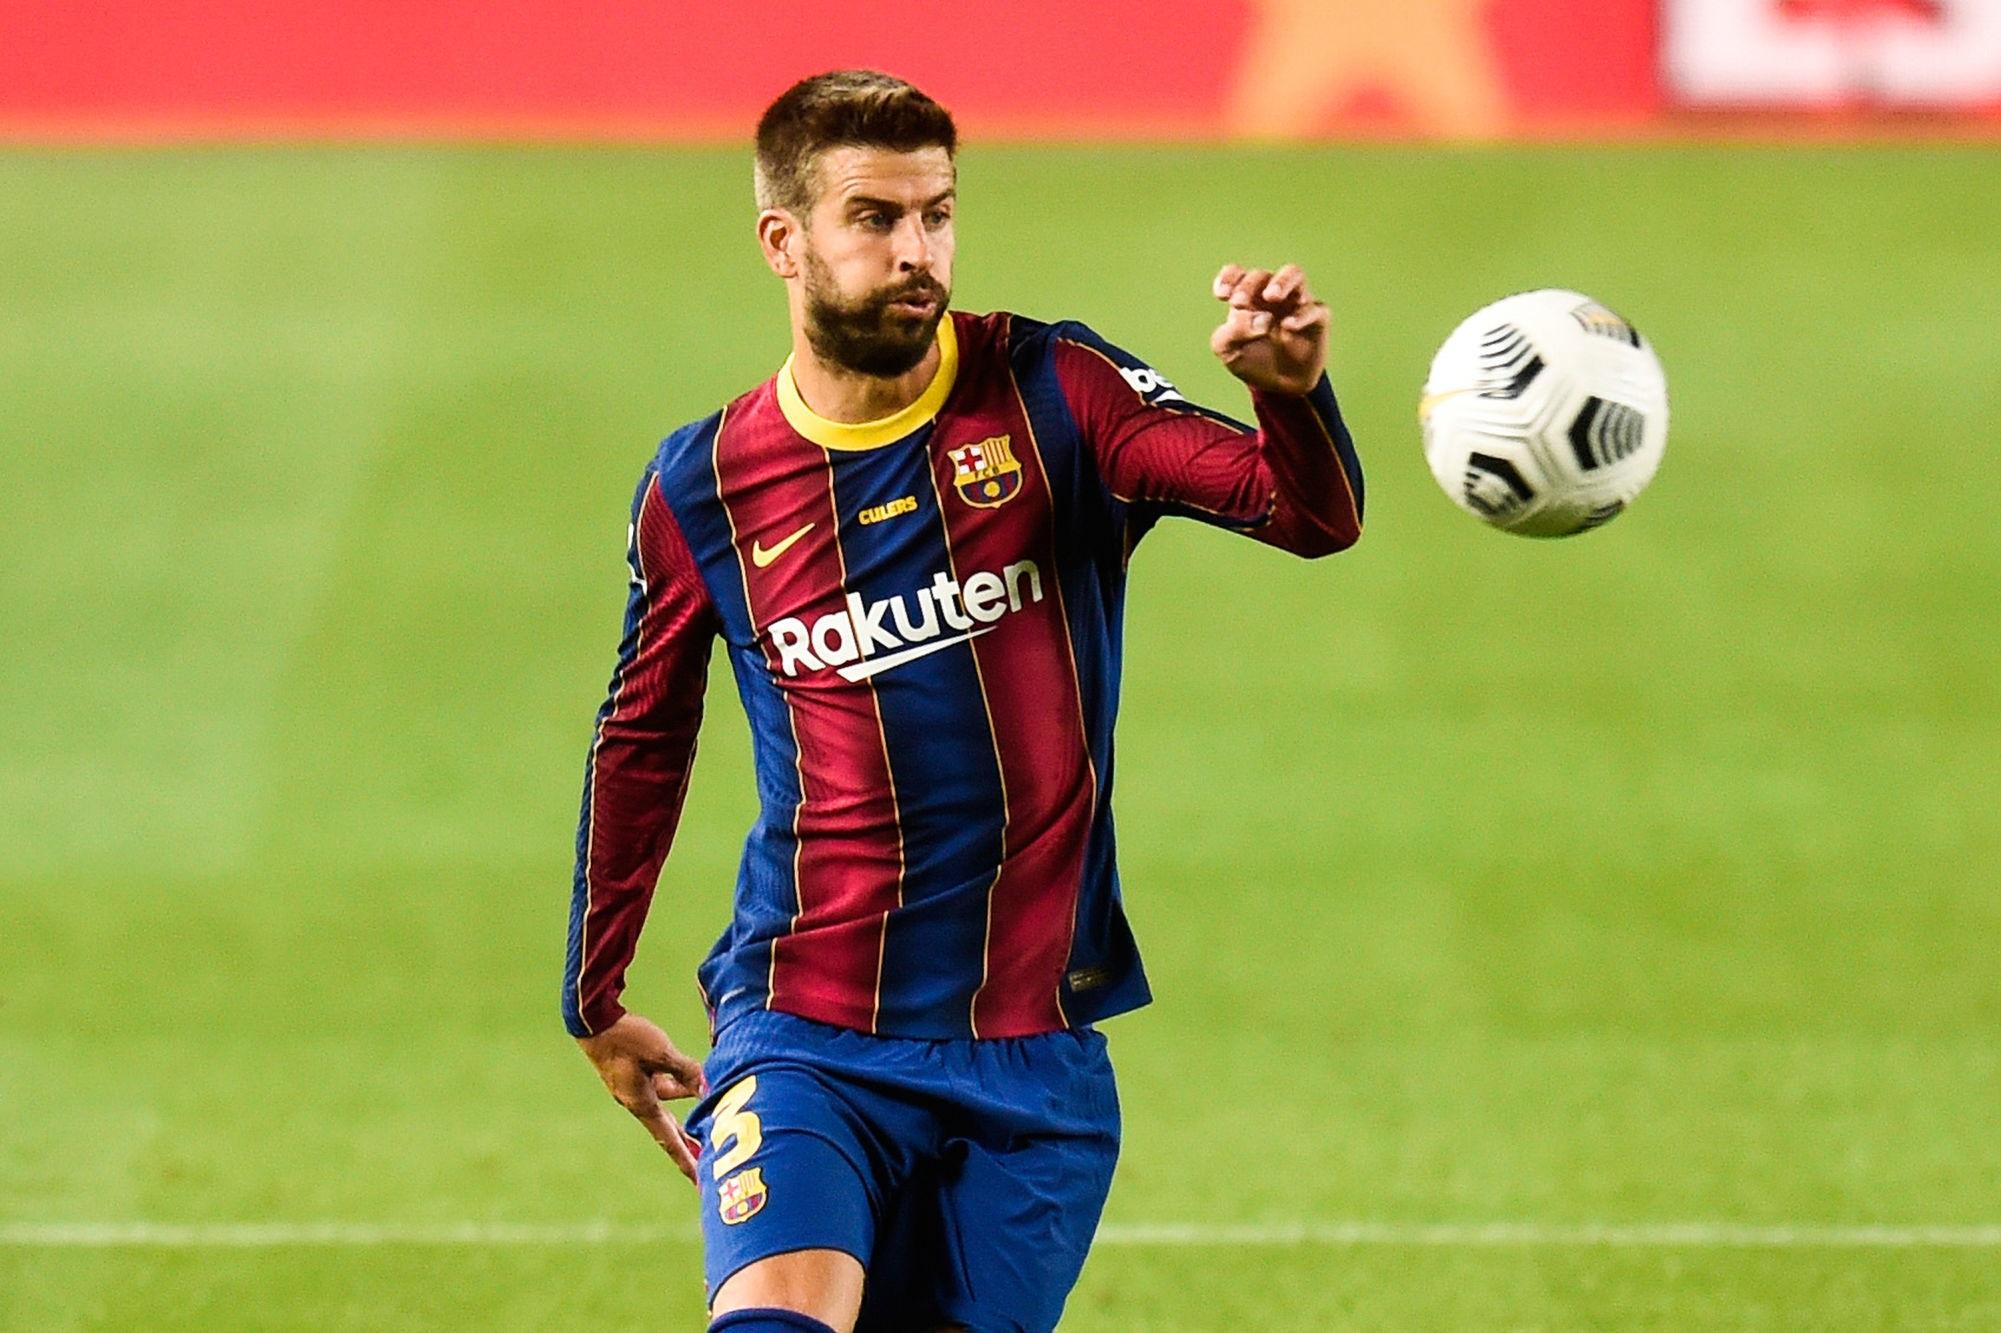 LDC - Piqué probablement forfait pour les 8es de finale entre le Barça et le PSG